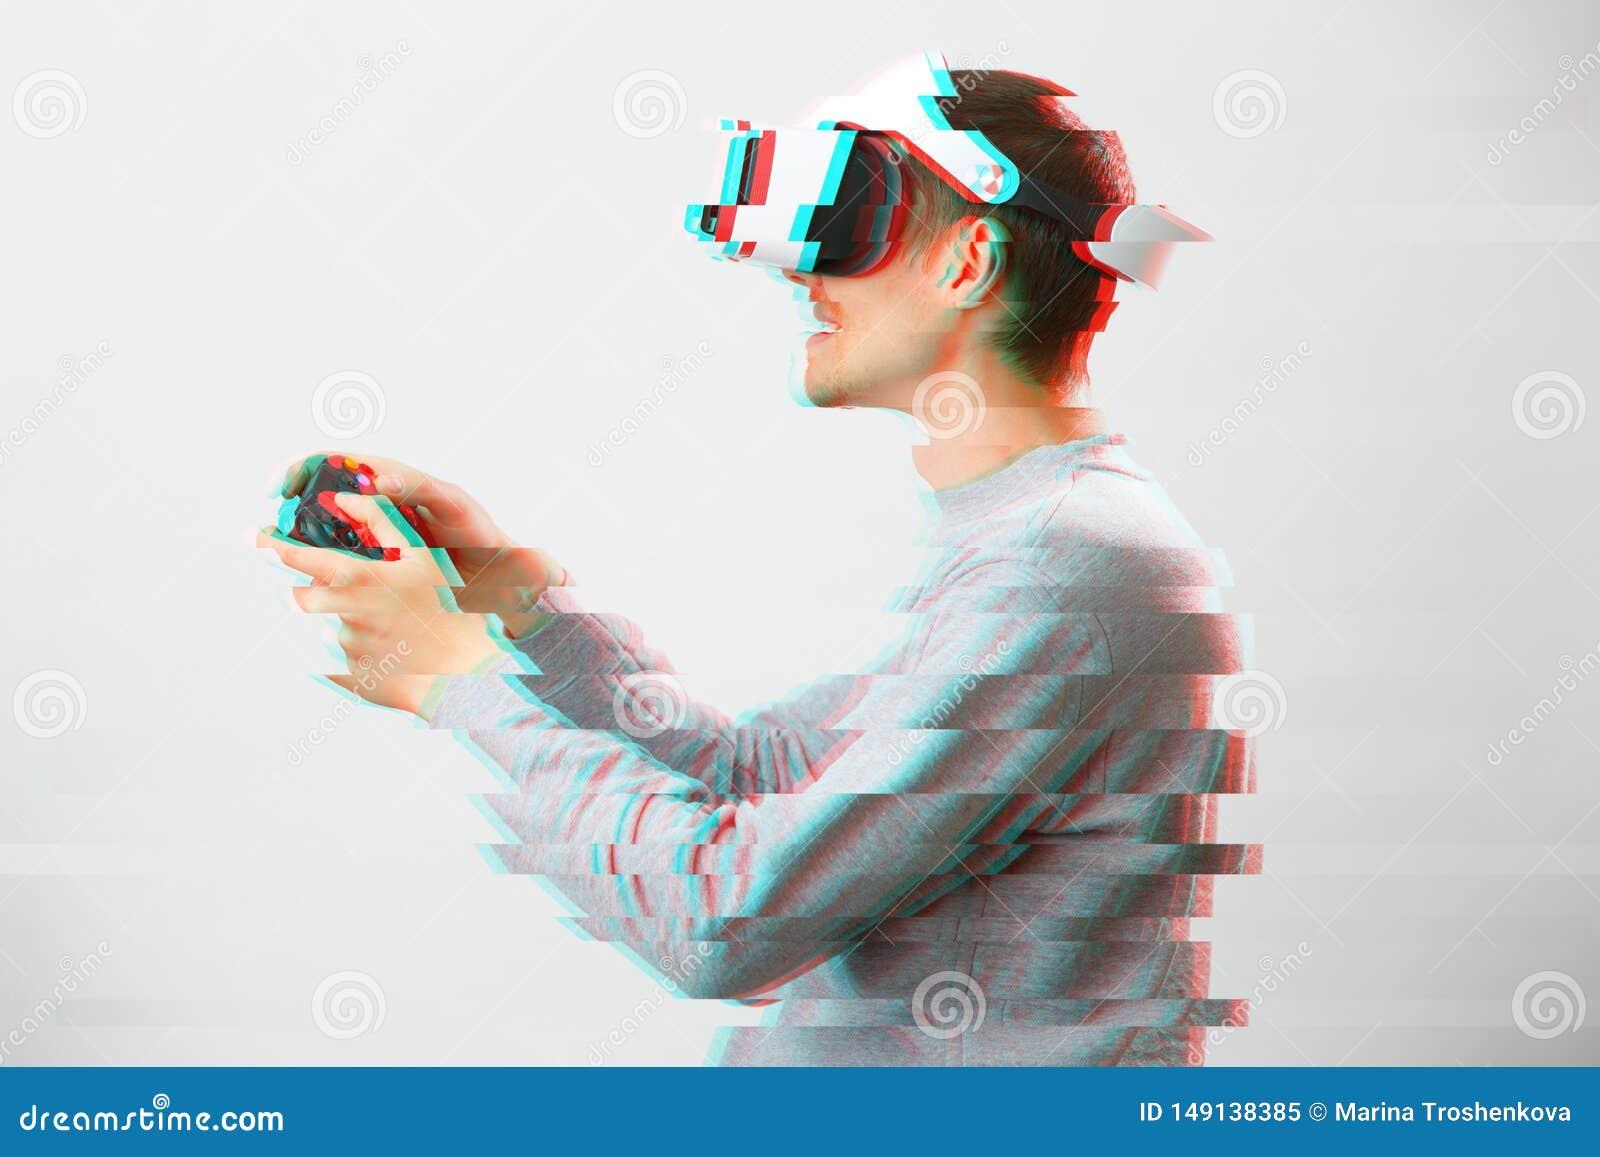 De mens met virtuele werkelijkheidshoofdtelefoon speelt spel Beeld met glitch effect